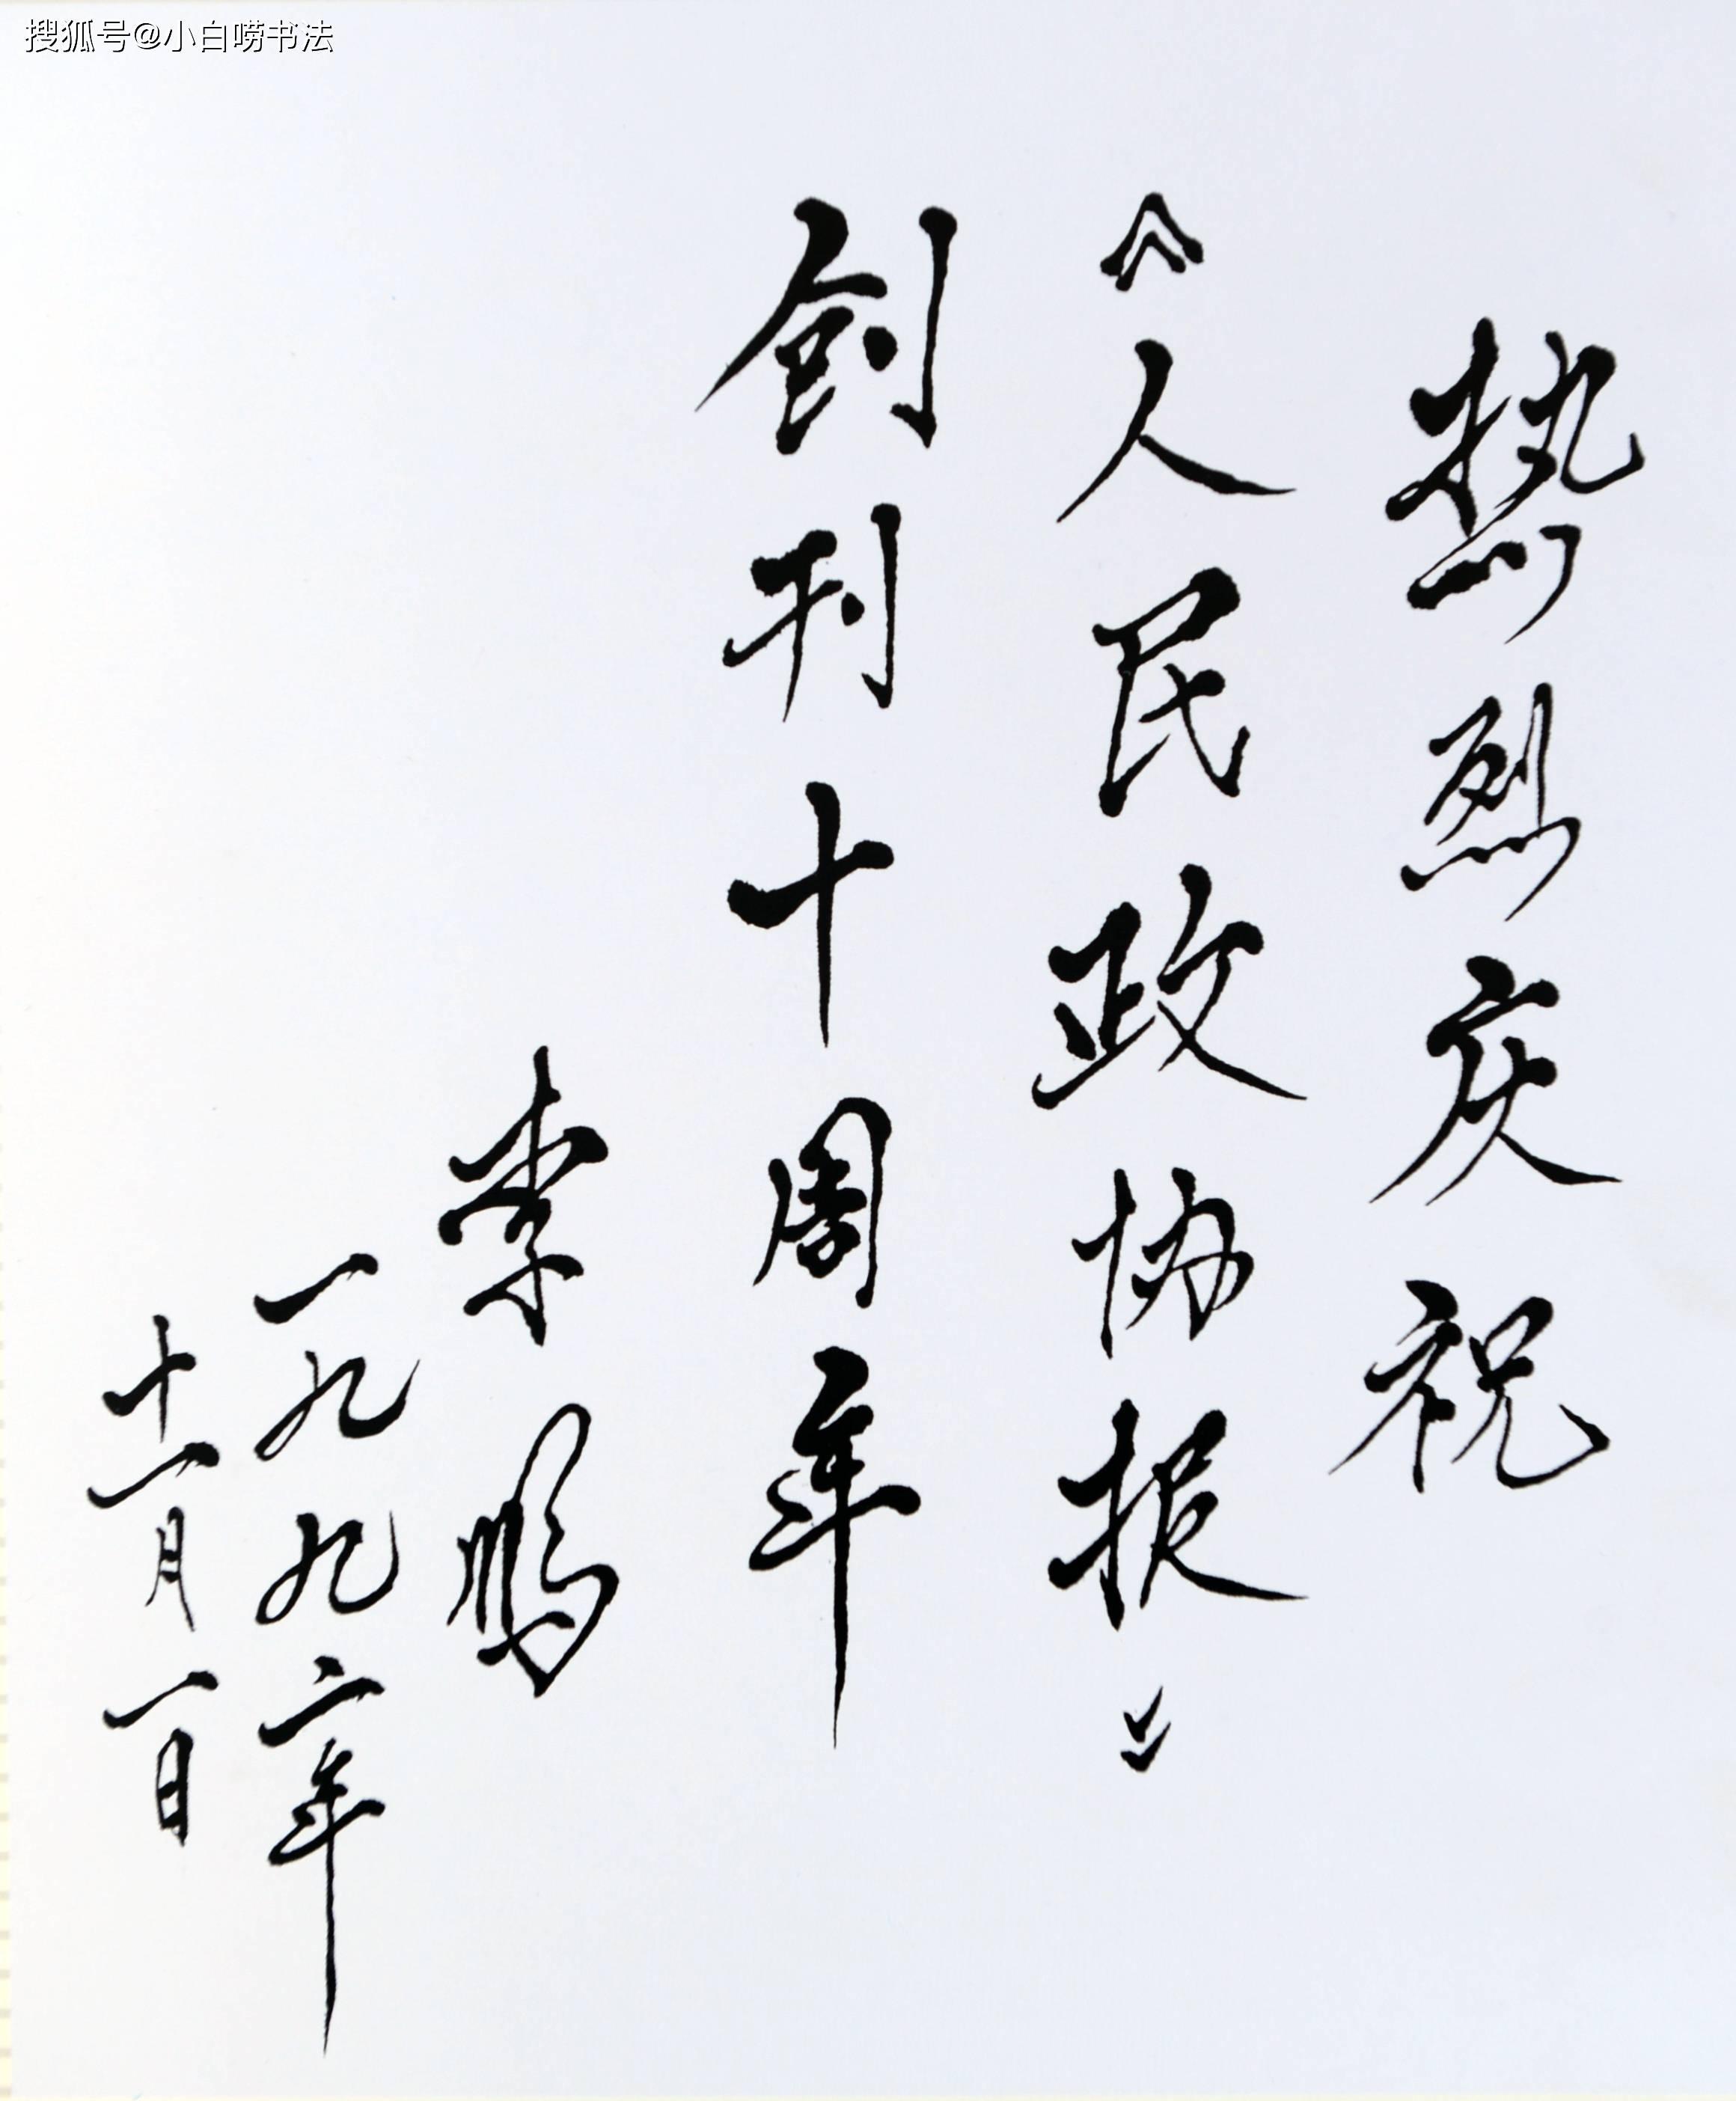 """1991年李鹏为泰山题字真精彩,瘦劲坚挺,略带""""启功体""""笔意"""